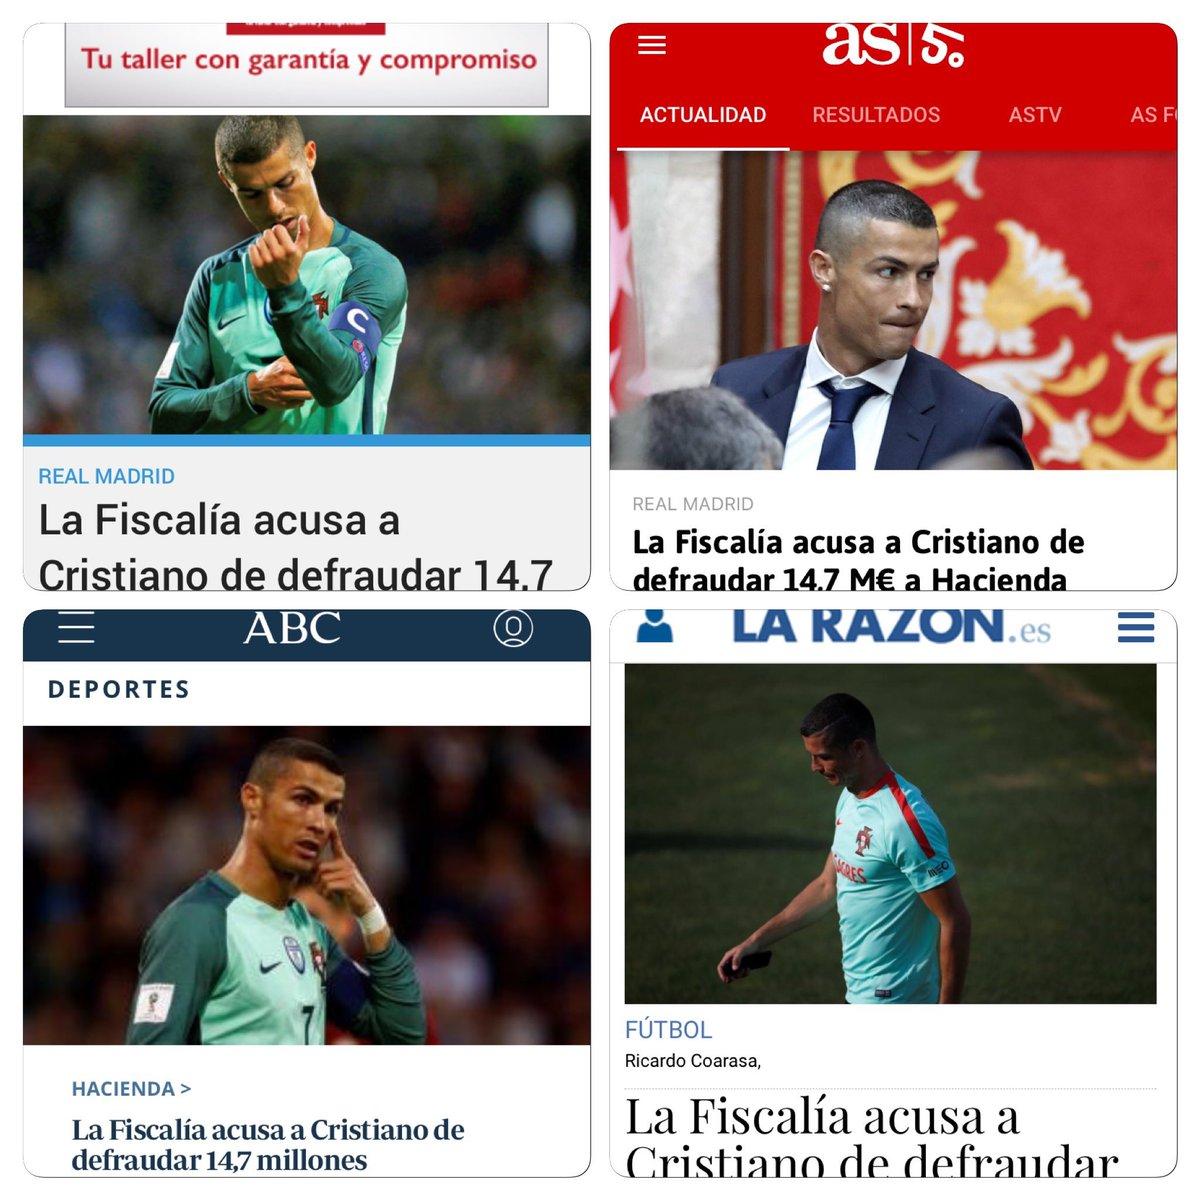 Avui és dia de jugar a trobar noticia sobre el Cristiano on se'l vegi amb samarreta del Madrit https://t.co/vGAjCdd7IN